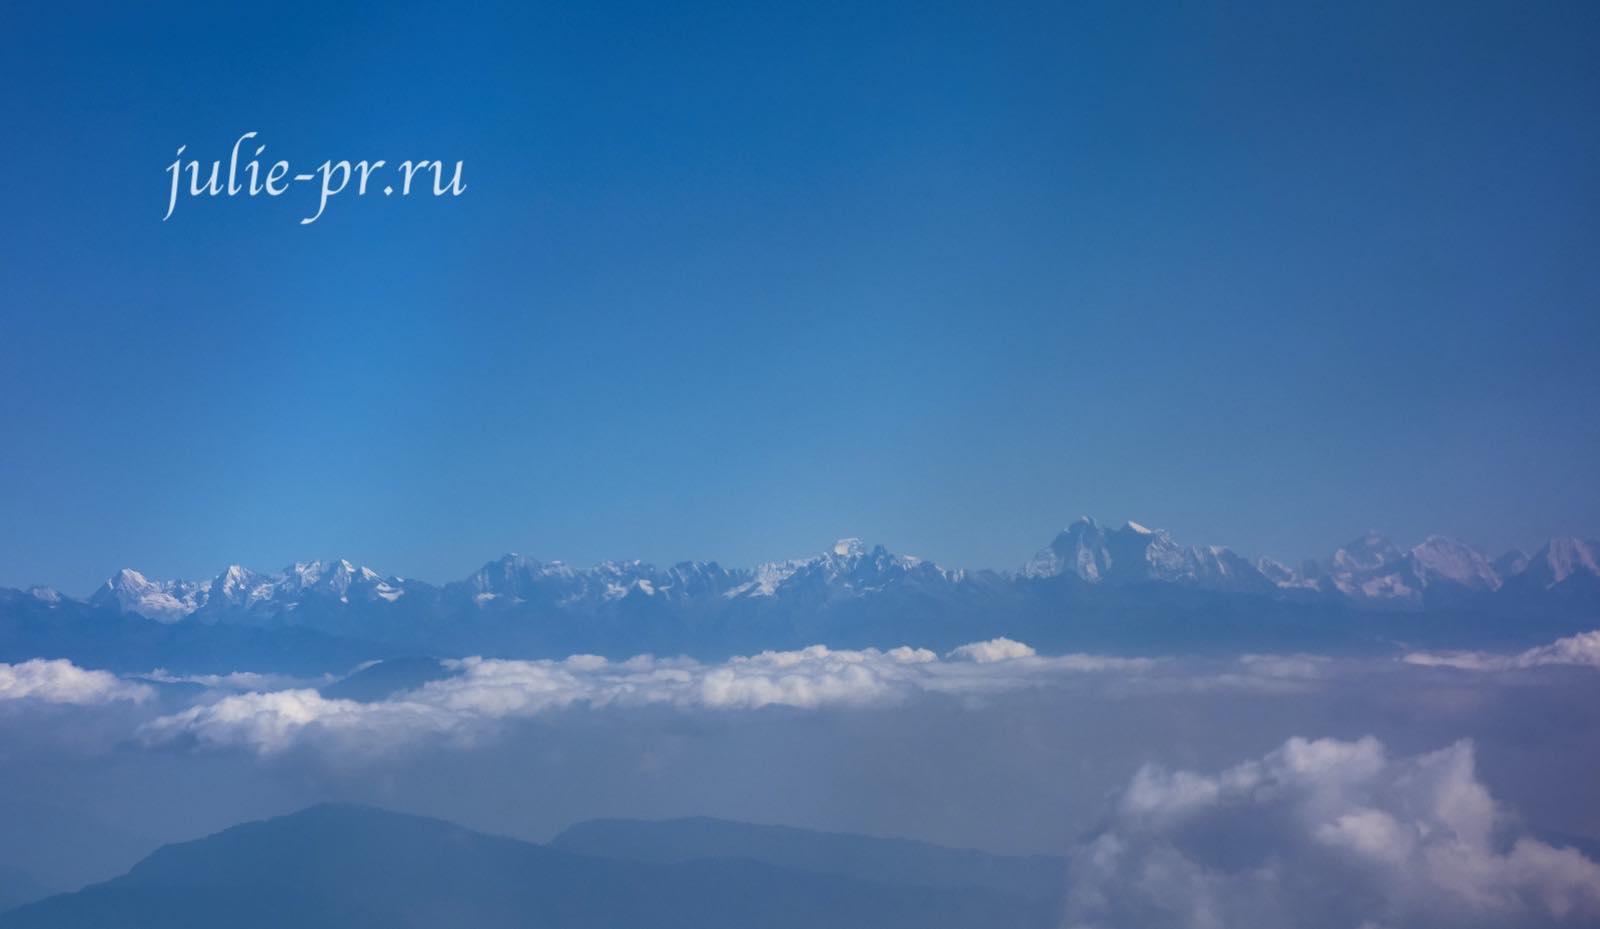 Непал, Гималаи, среди этих гор есть Эверест